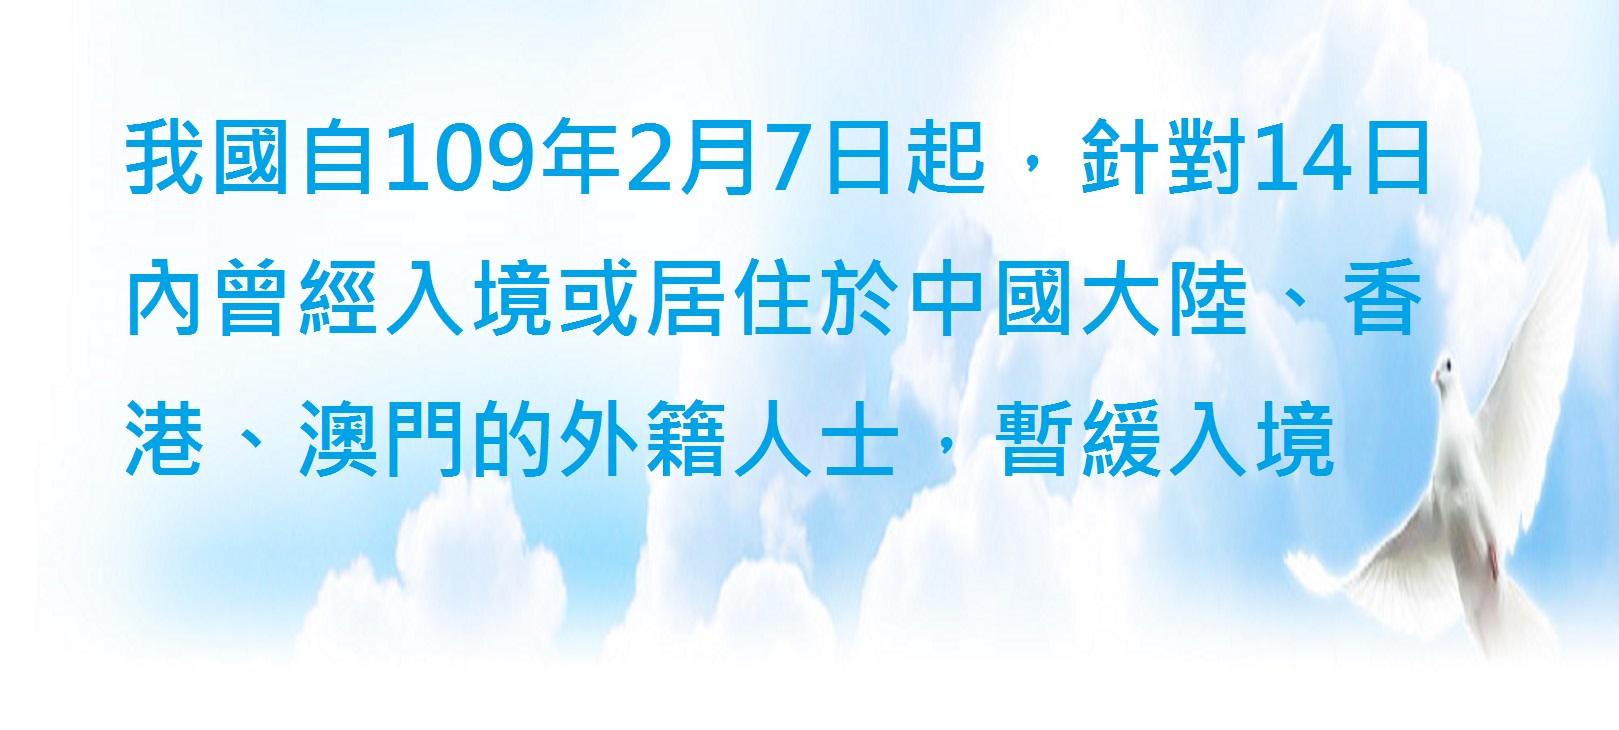 我國自109年2月7日起,針對14日內曾經入境或居住於中國大陸、香港、澳門的外籍人士,暫緩入境